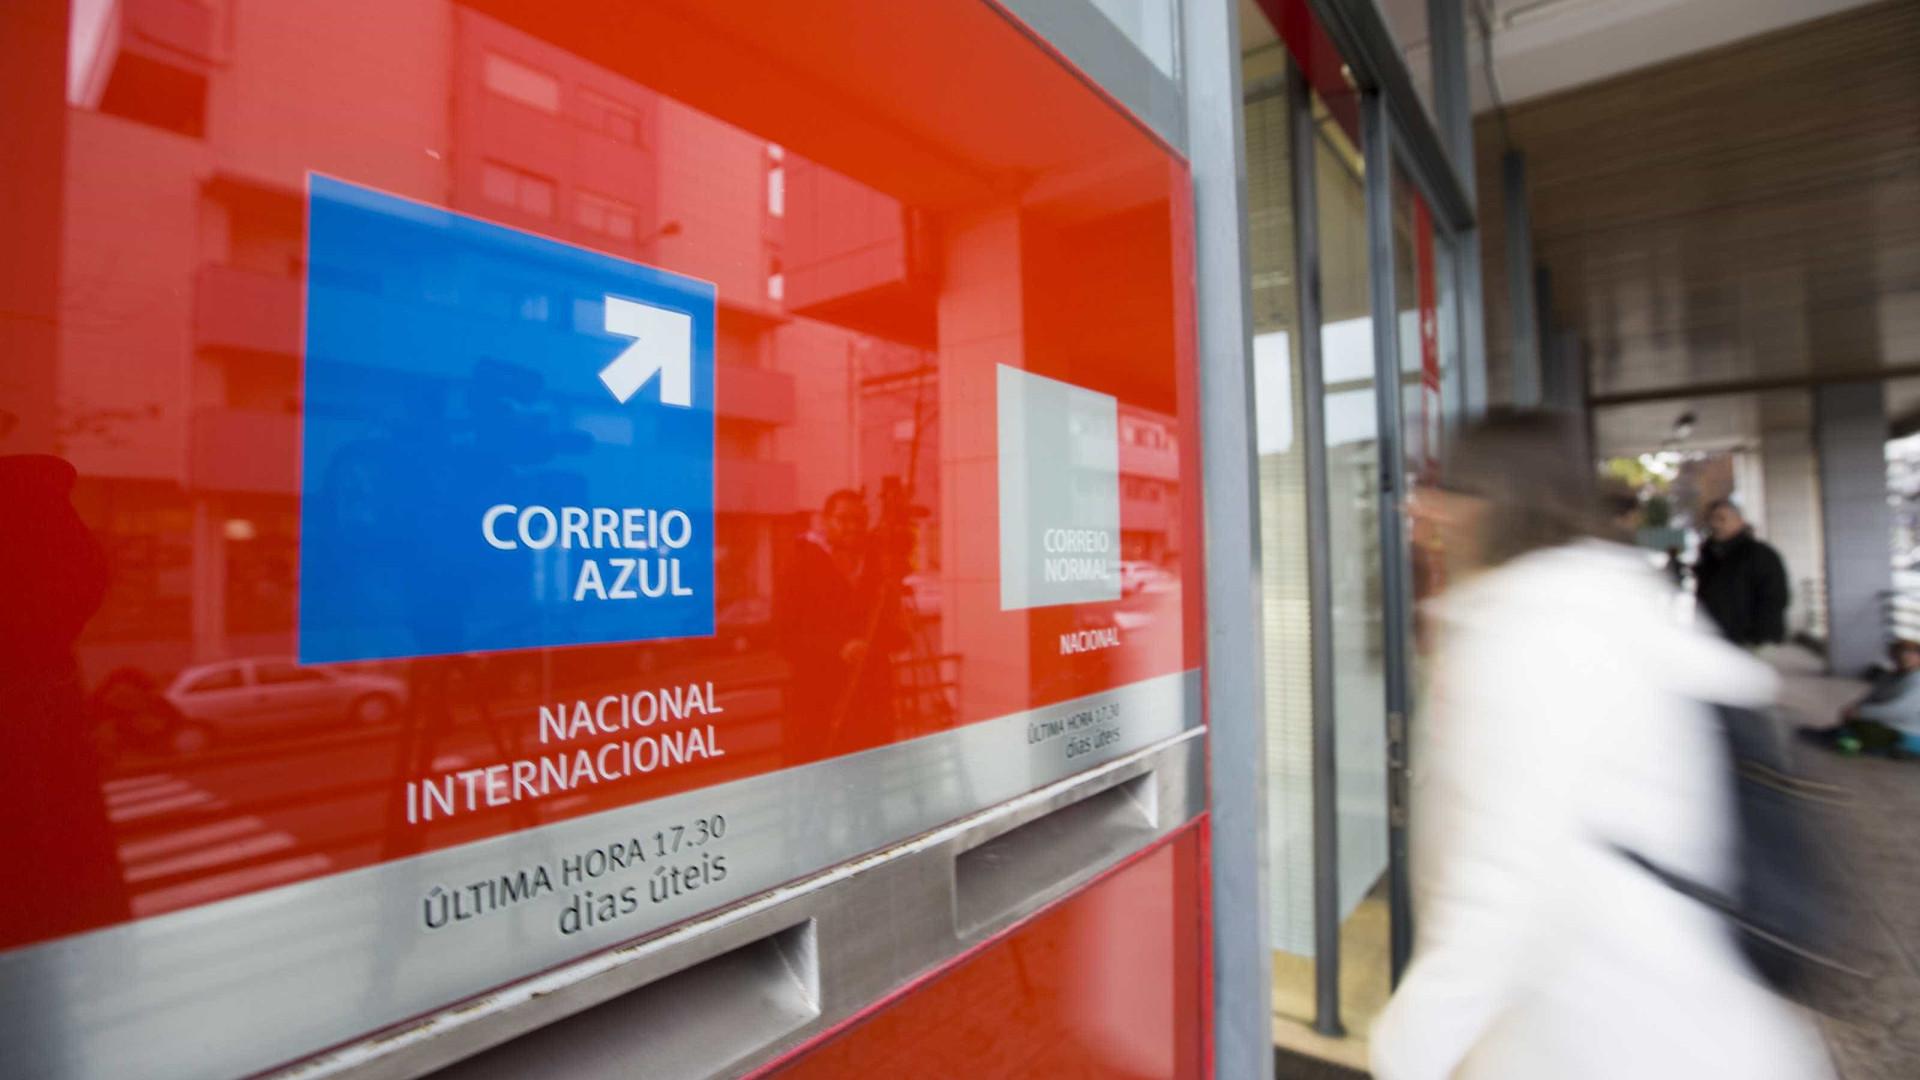 Assaltantes de correios em Aveiro e Leiria condenados a 15 anos de prisão